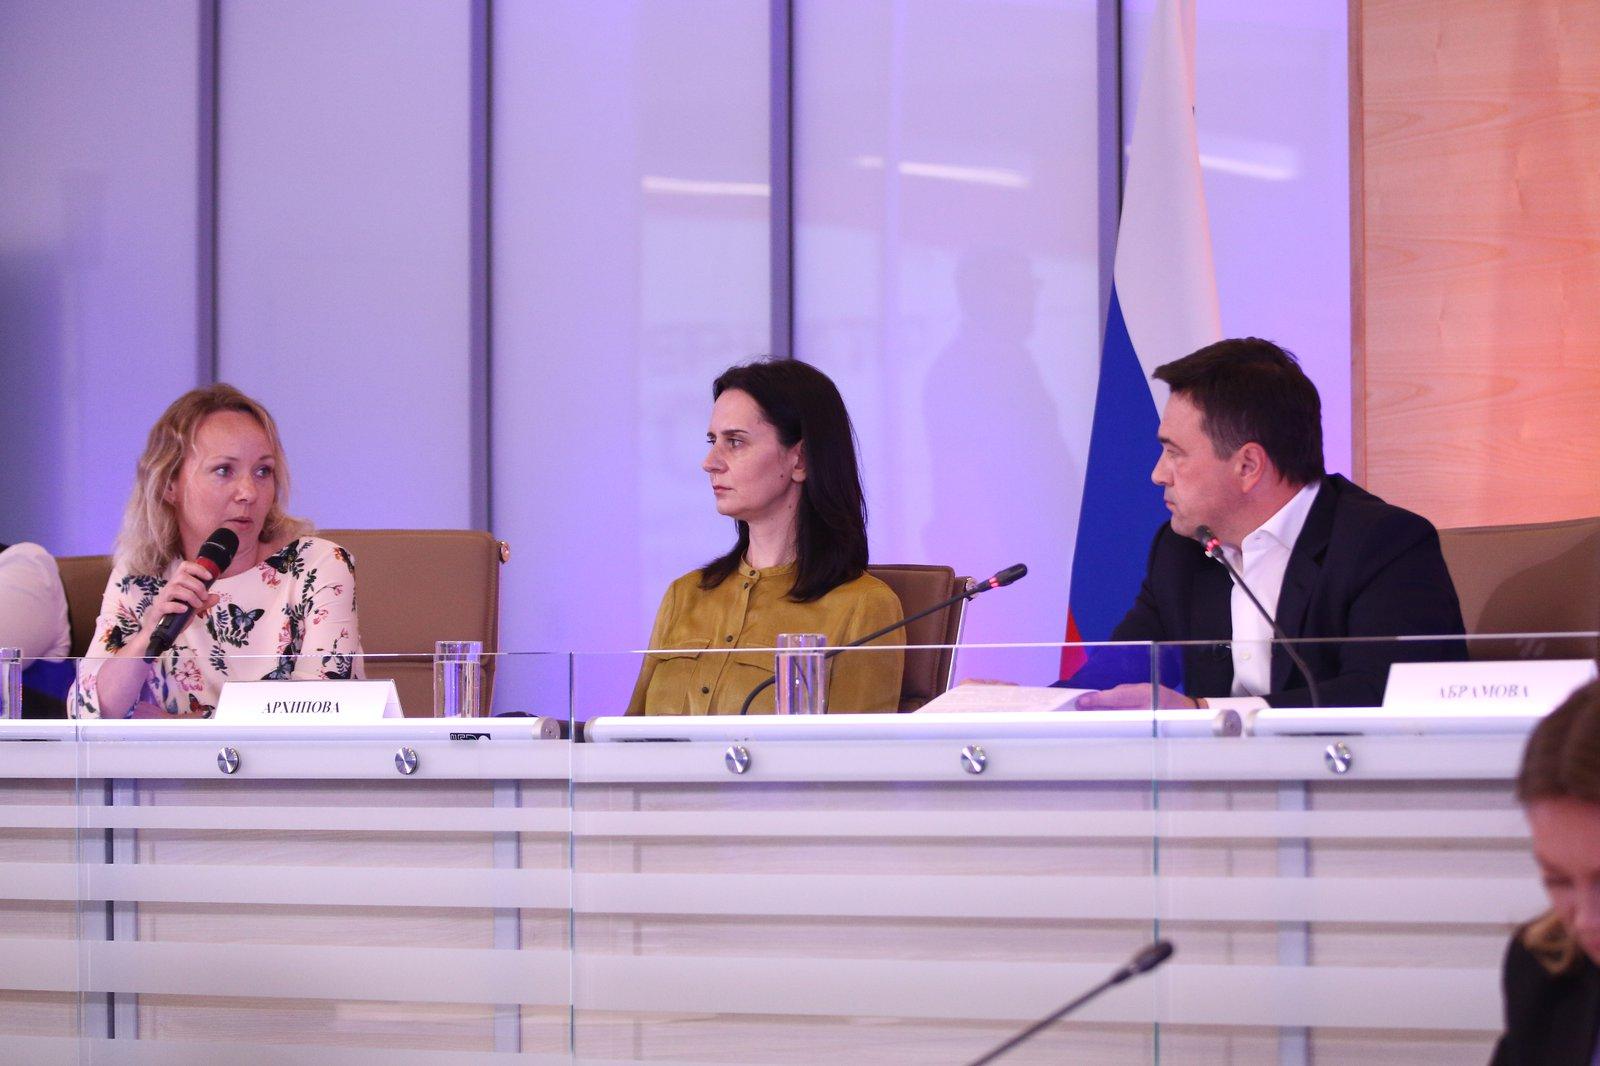 Андрей Воробьев губернатор московской области - Слушаем, слышим и решаем: эфир губернатора прошел в новом формате